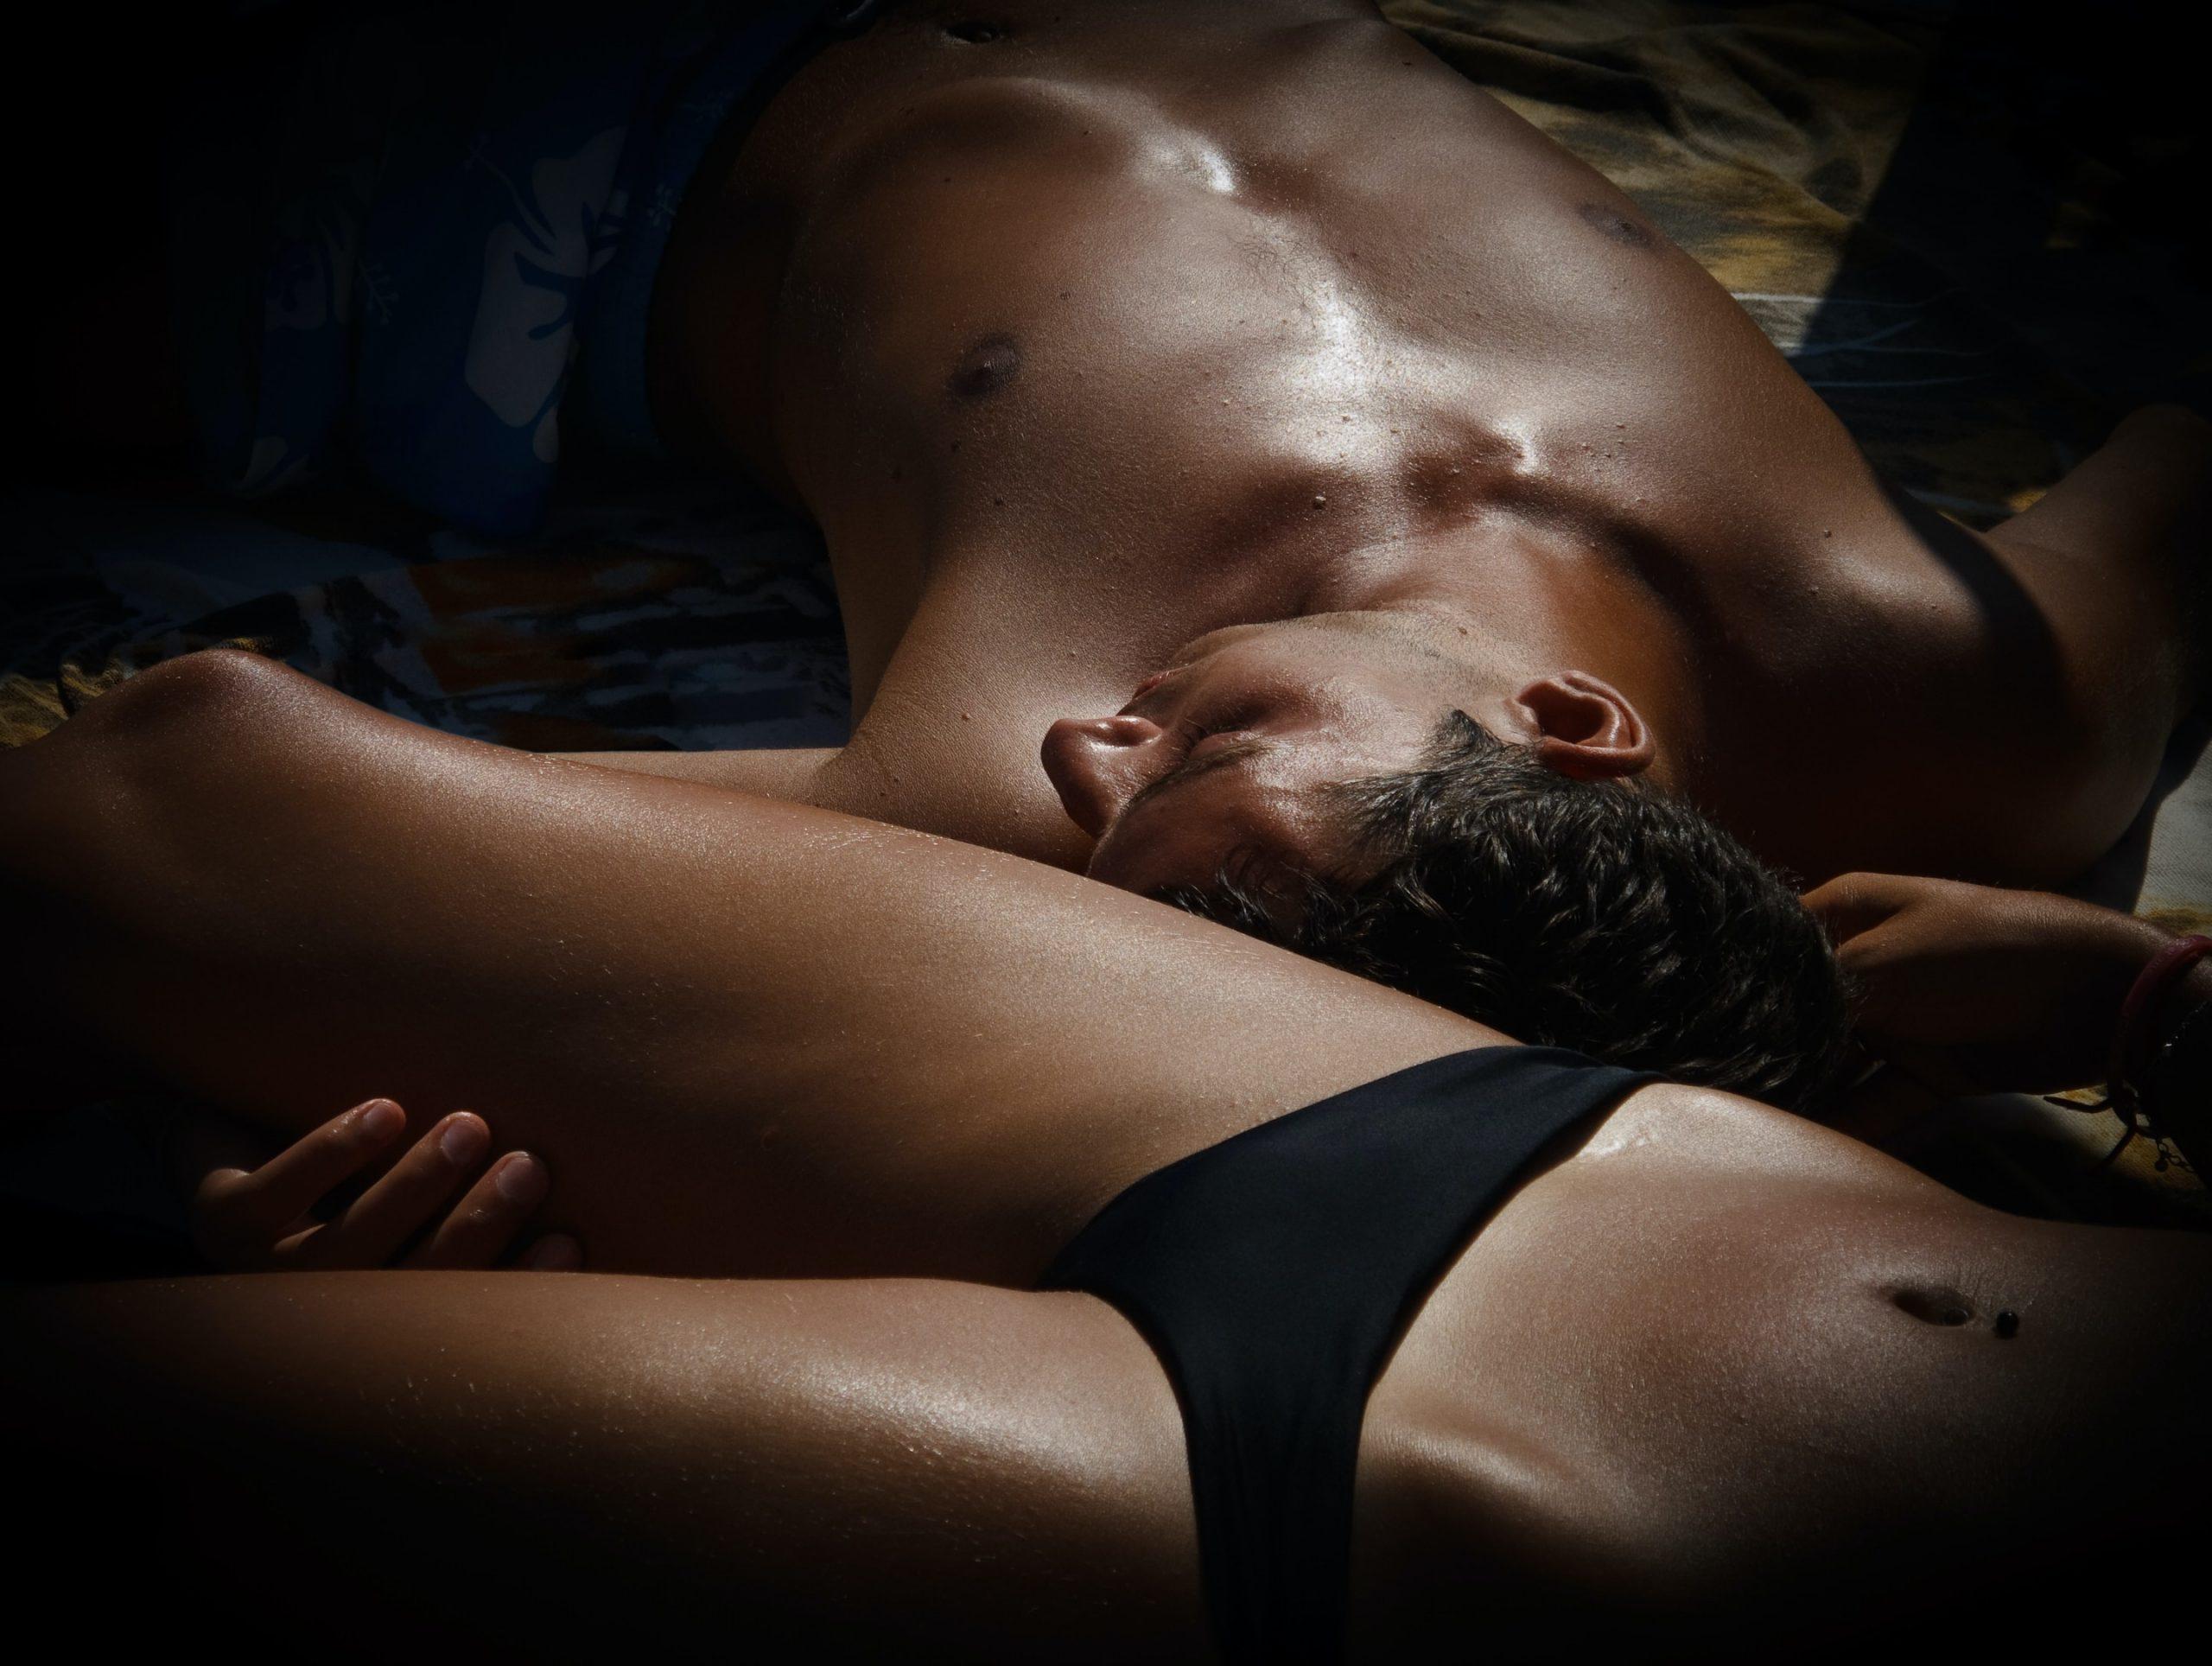 Nahý muž a žena v posteli